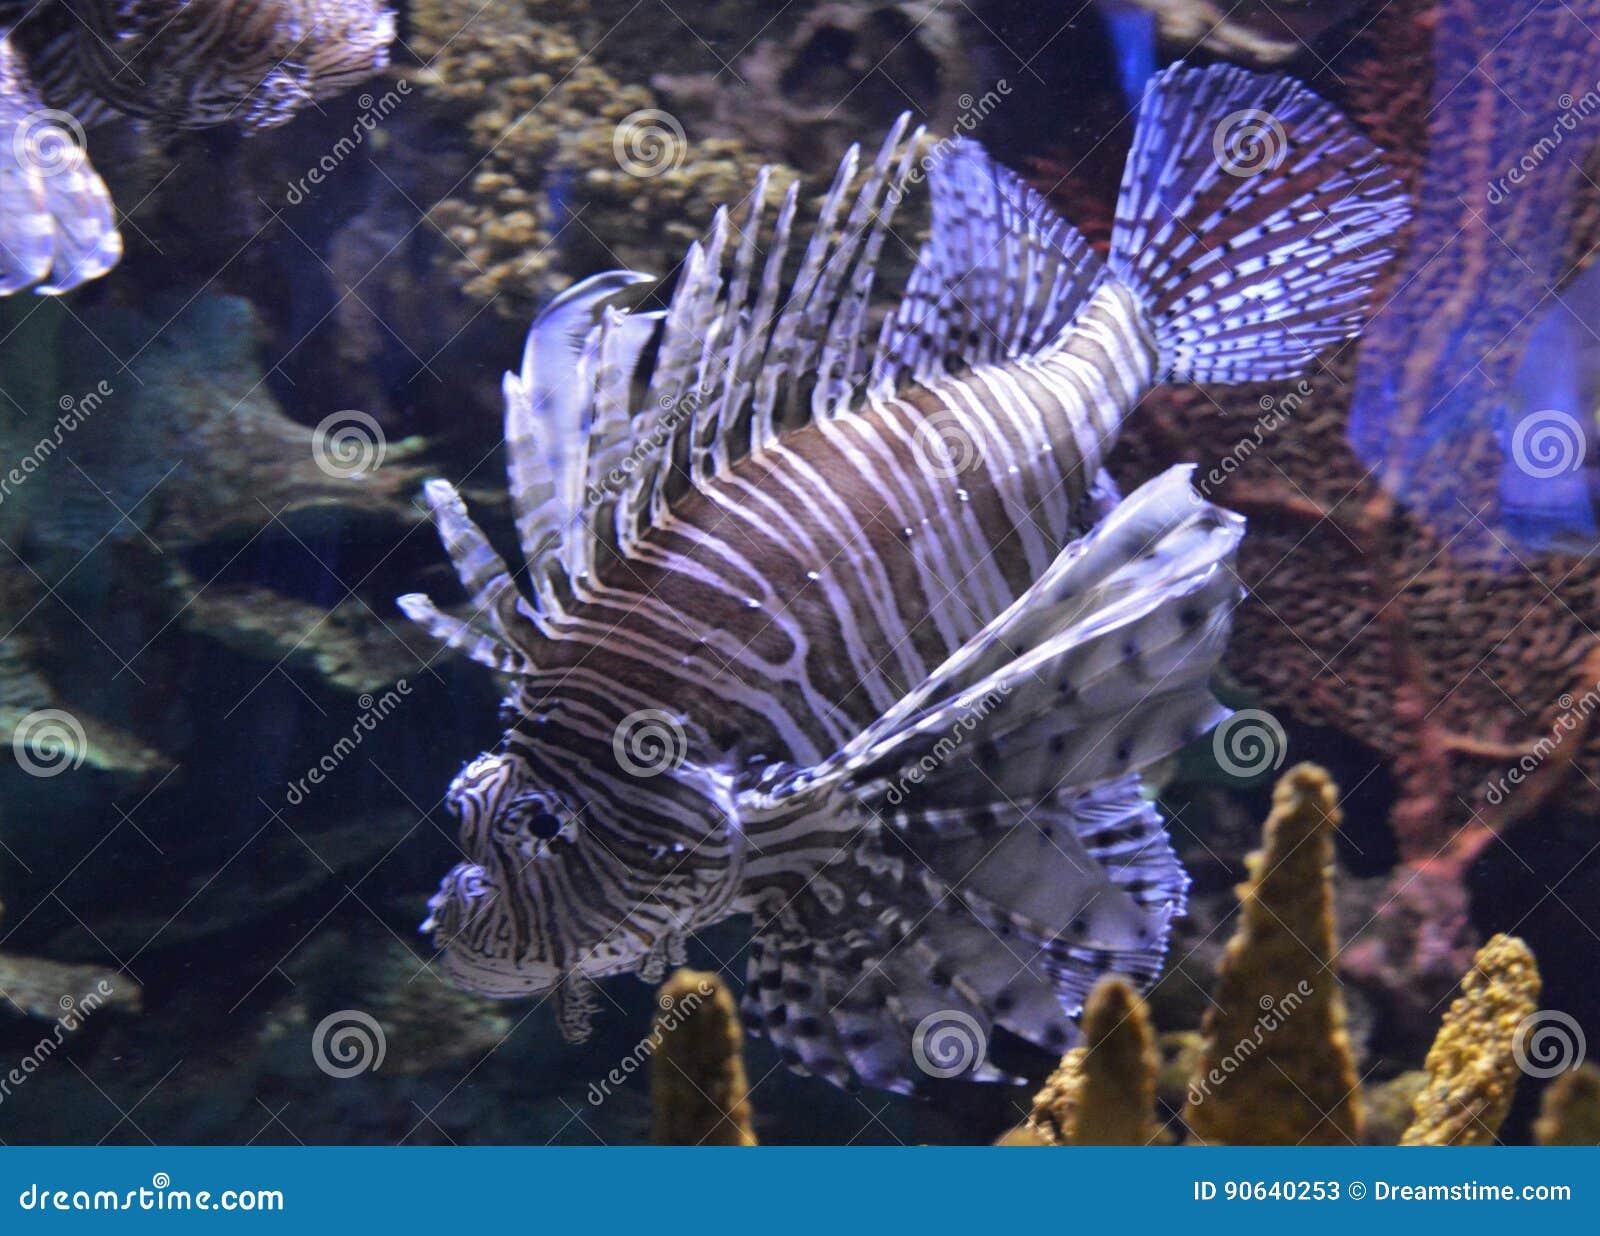 Fish in ripleys aquarium - Lion Fish Ripleys Aquarium Editorial Stock Photo